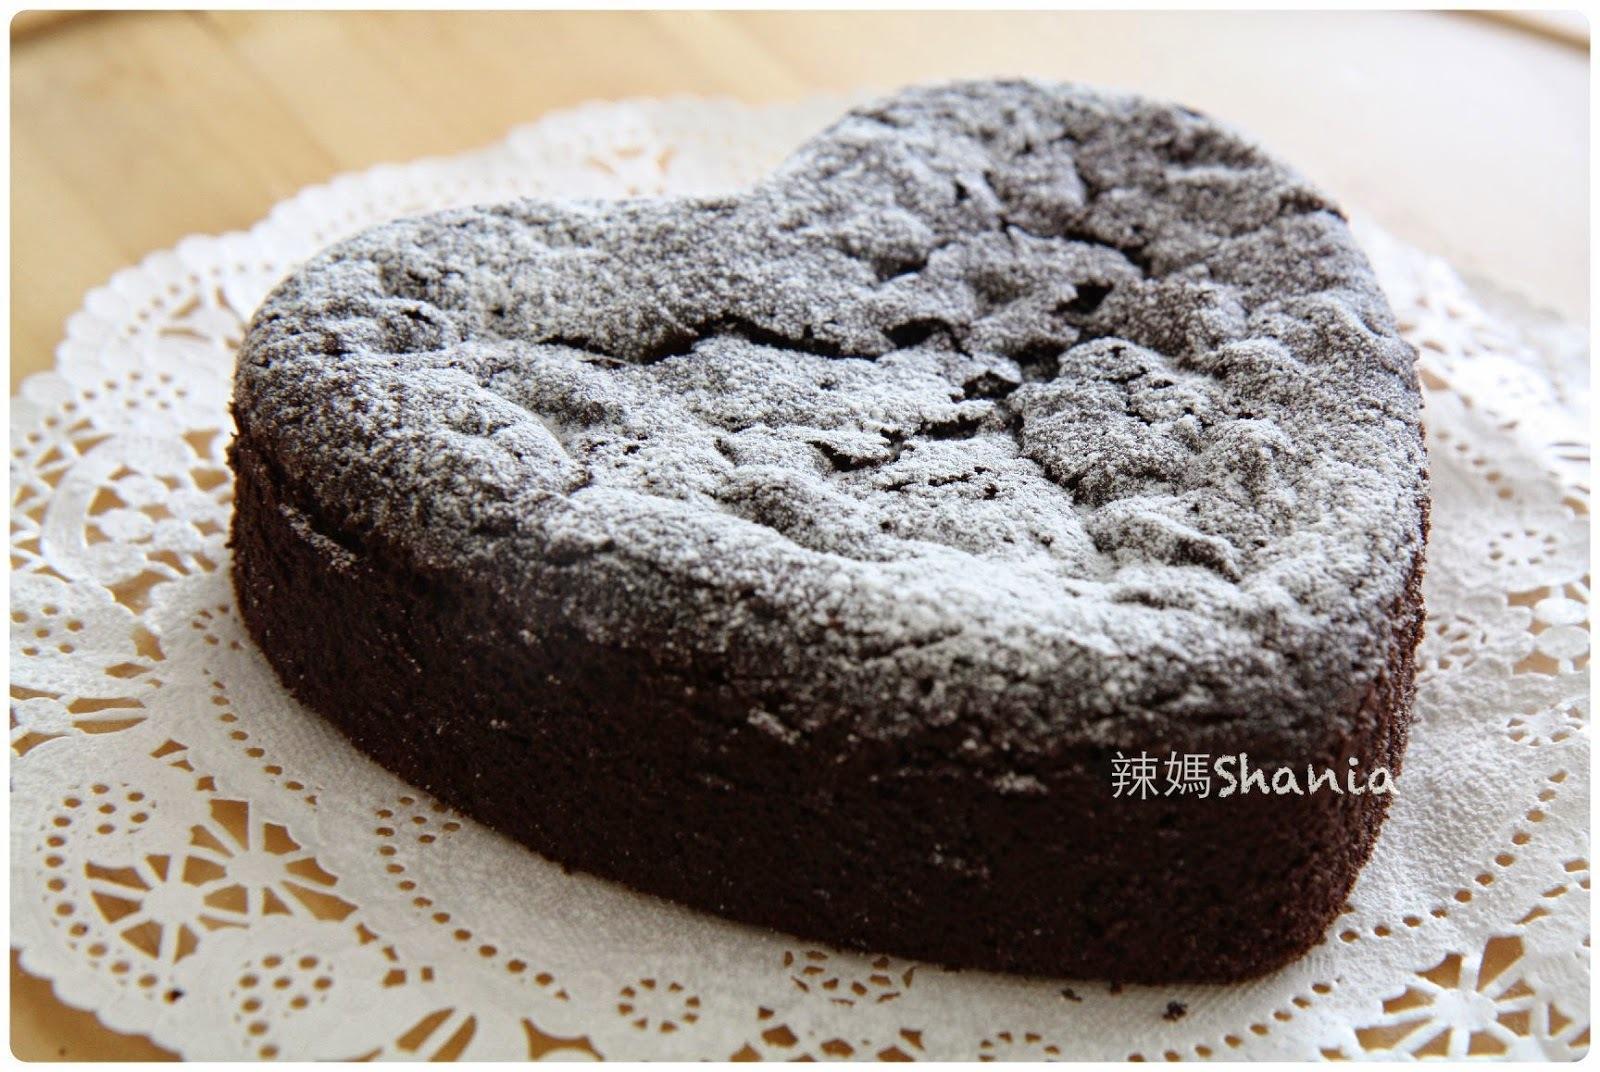 巧克力蛋糕食譜 電鍋